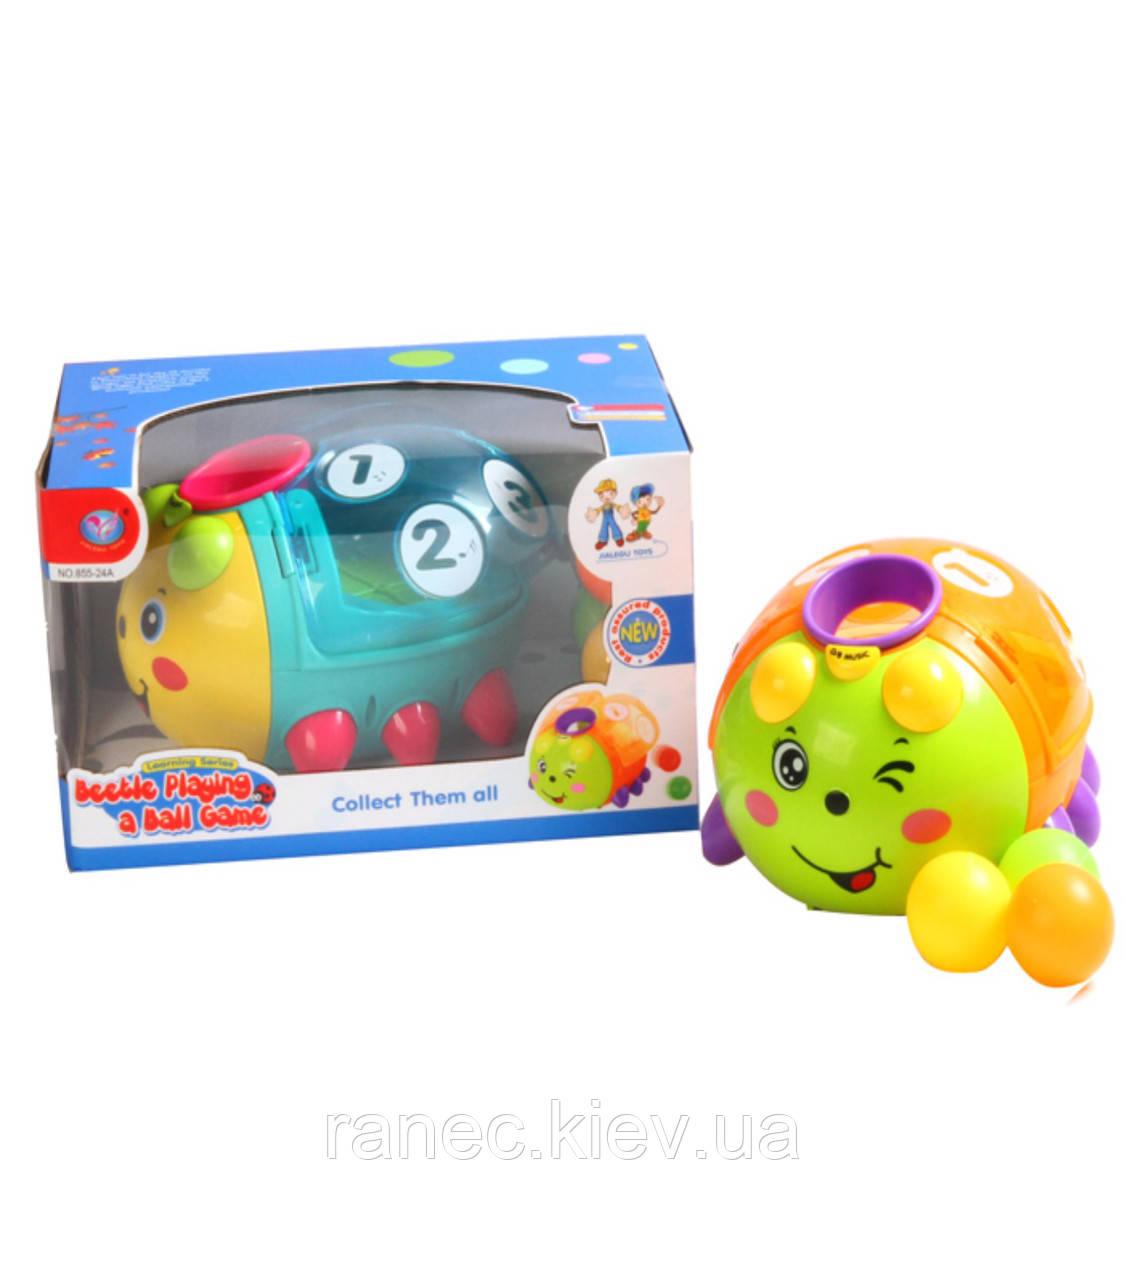 Музыкальная игрушка 855-24A пчелка-сортер,2 режима, шарики, свет, звуки в коробке 26*17,5*1